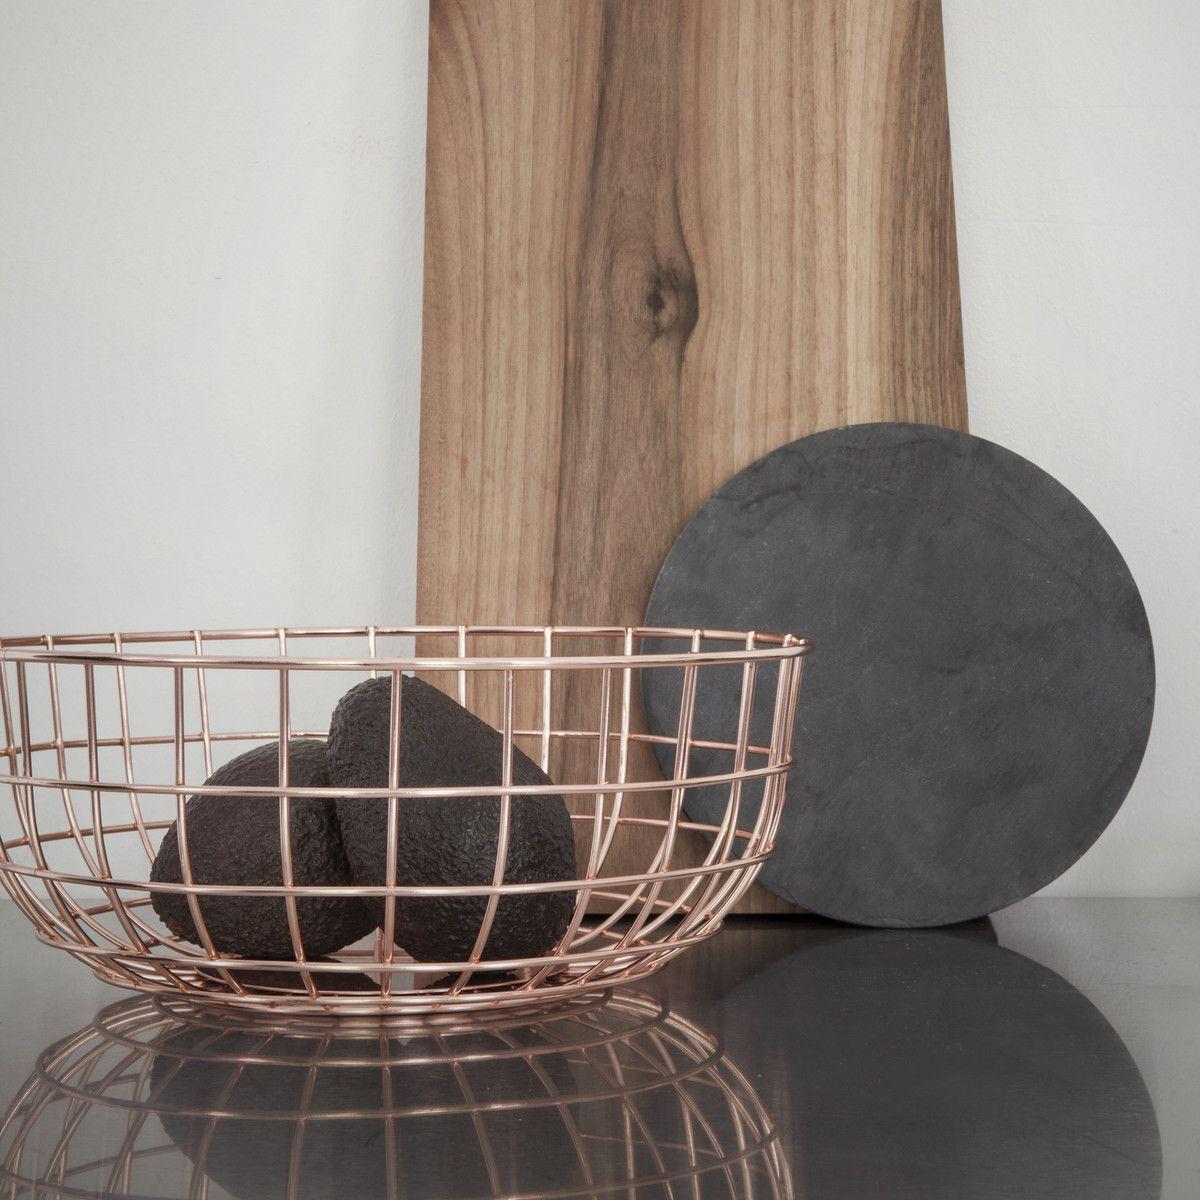 Wohndesign bilder mit shop menu  norm wire bowl schwarz  bowls interiors and kitchens